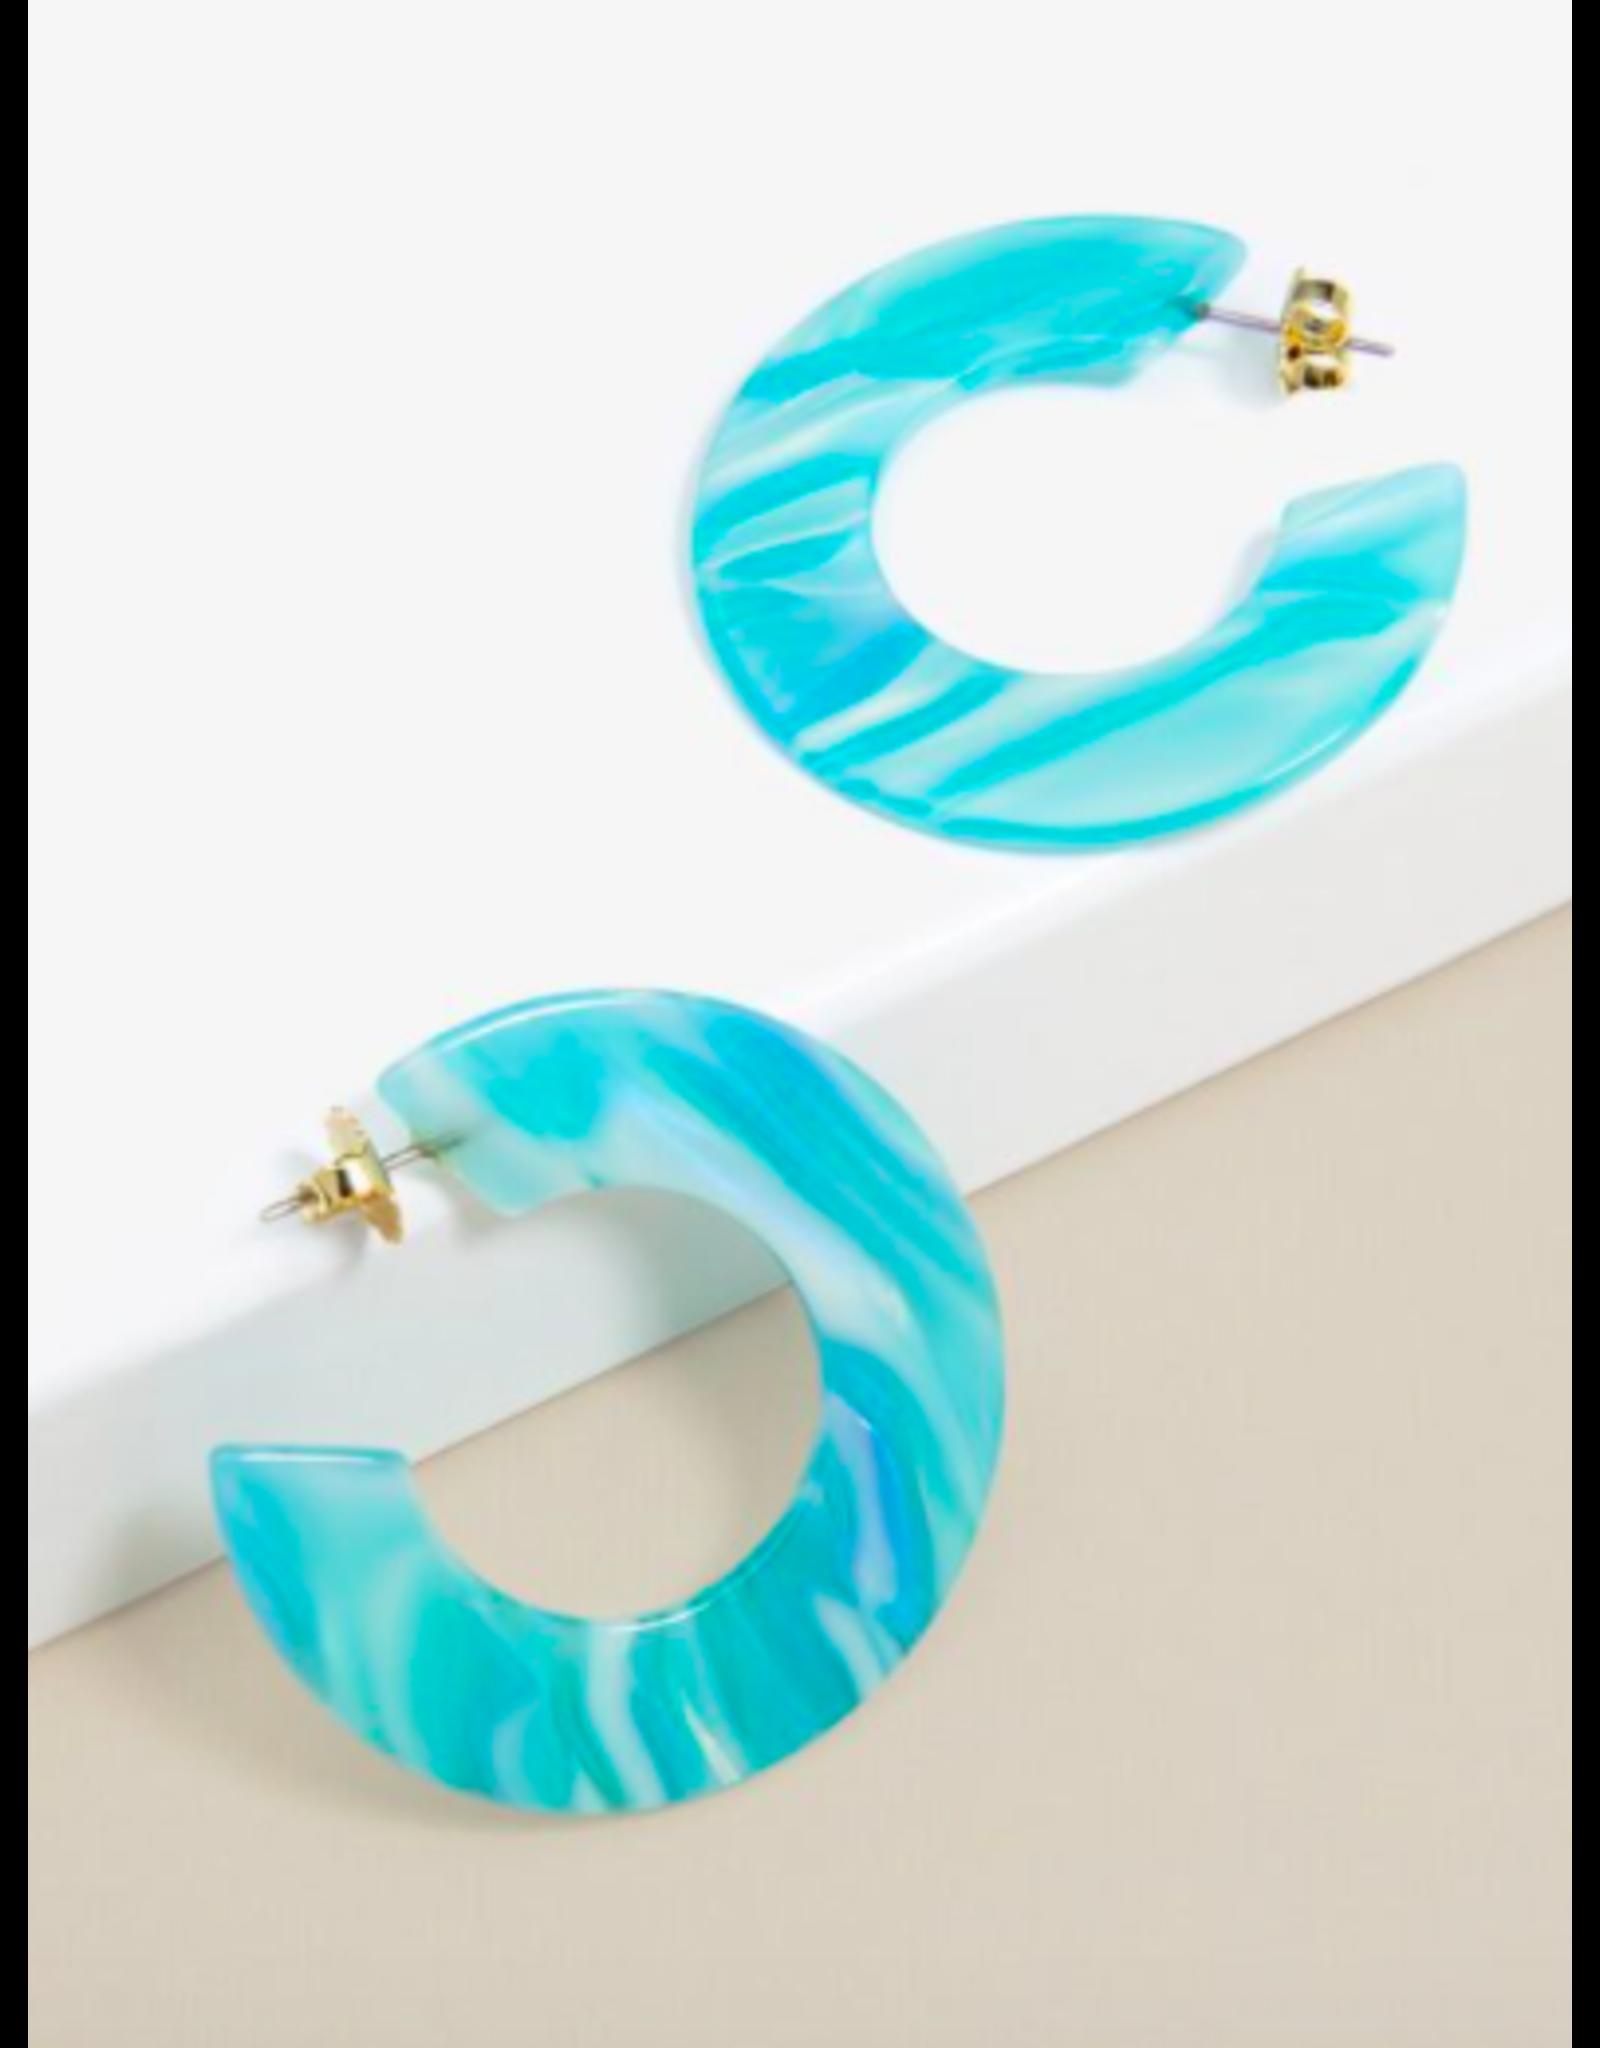 Zenzii Flat Tortoise Hoop Earrings in Aqua